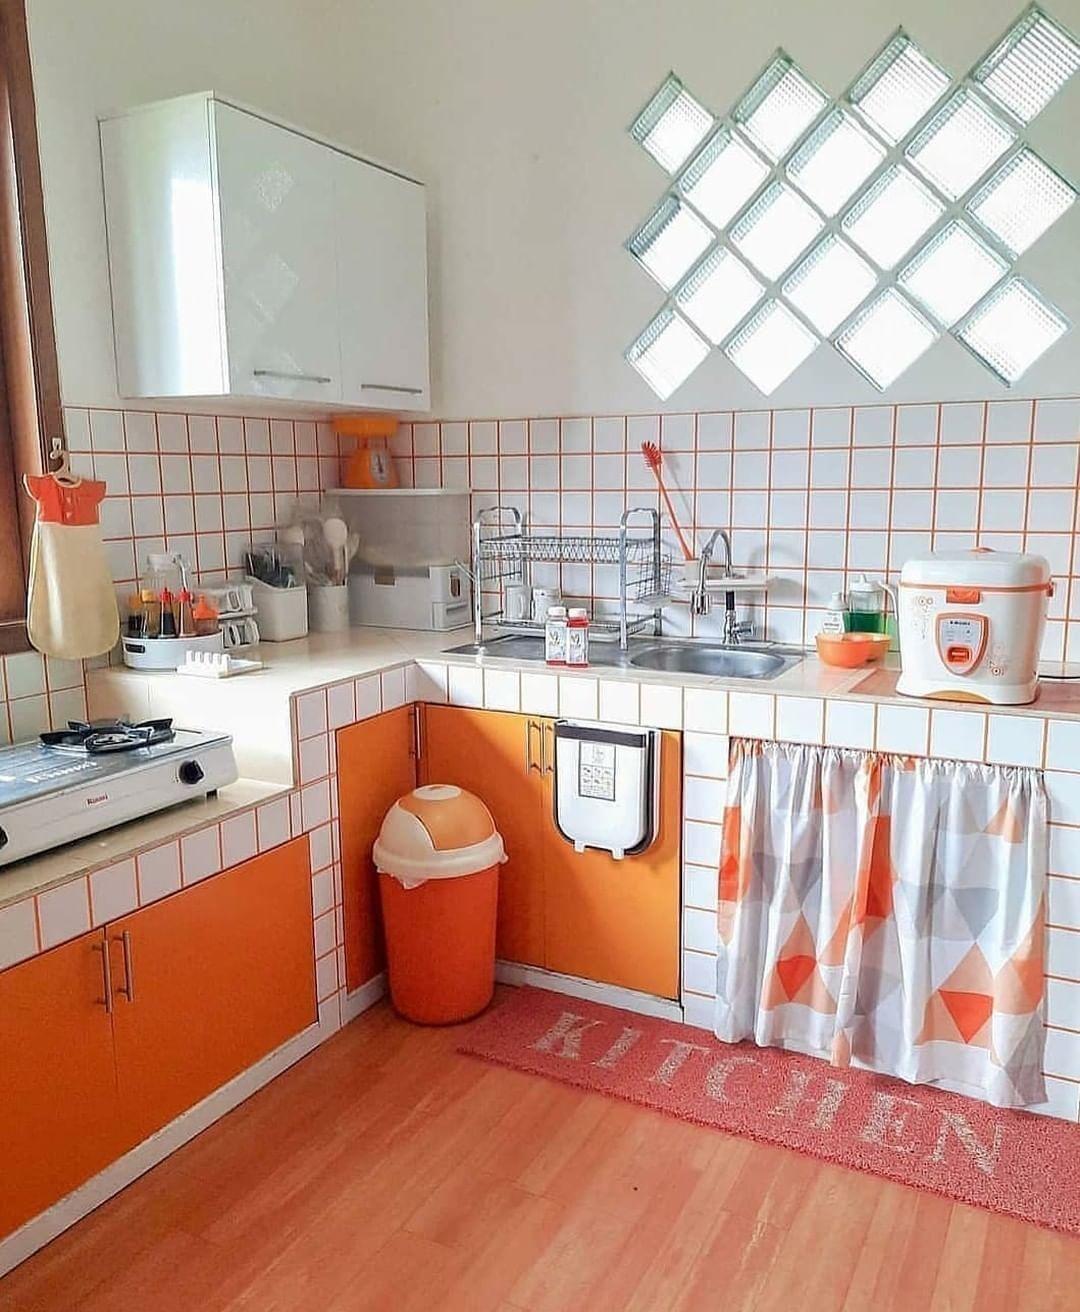 Desain Dapur Minimalis_4